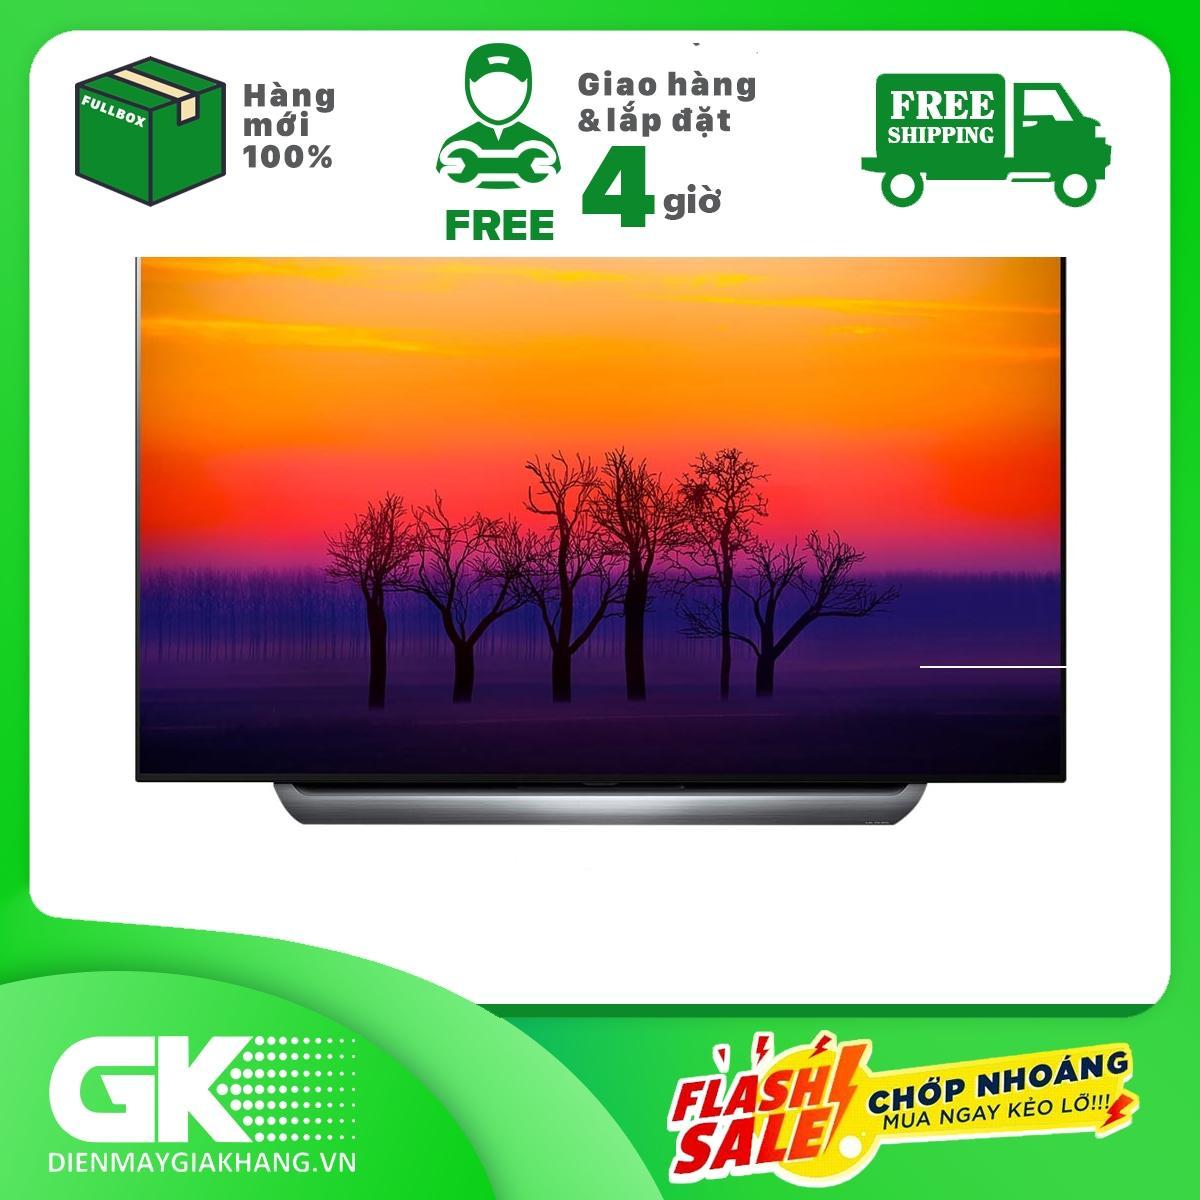 Bảng giá Smart Tivi OLED LG 4K 65 inch 65C8PTA - Bảo hành 2 năm. Giao hàng & lắp đặt trong 4 giờ